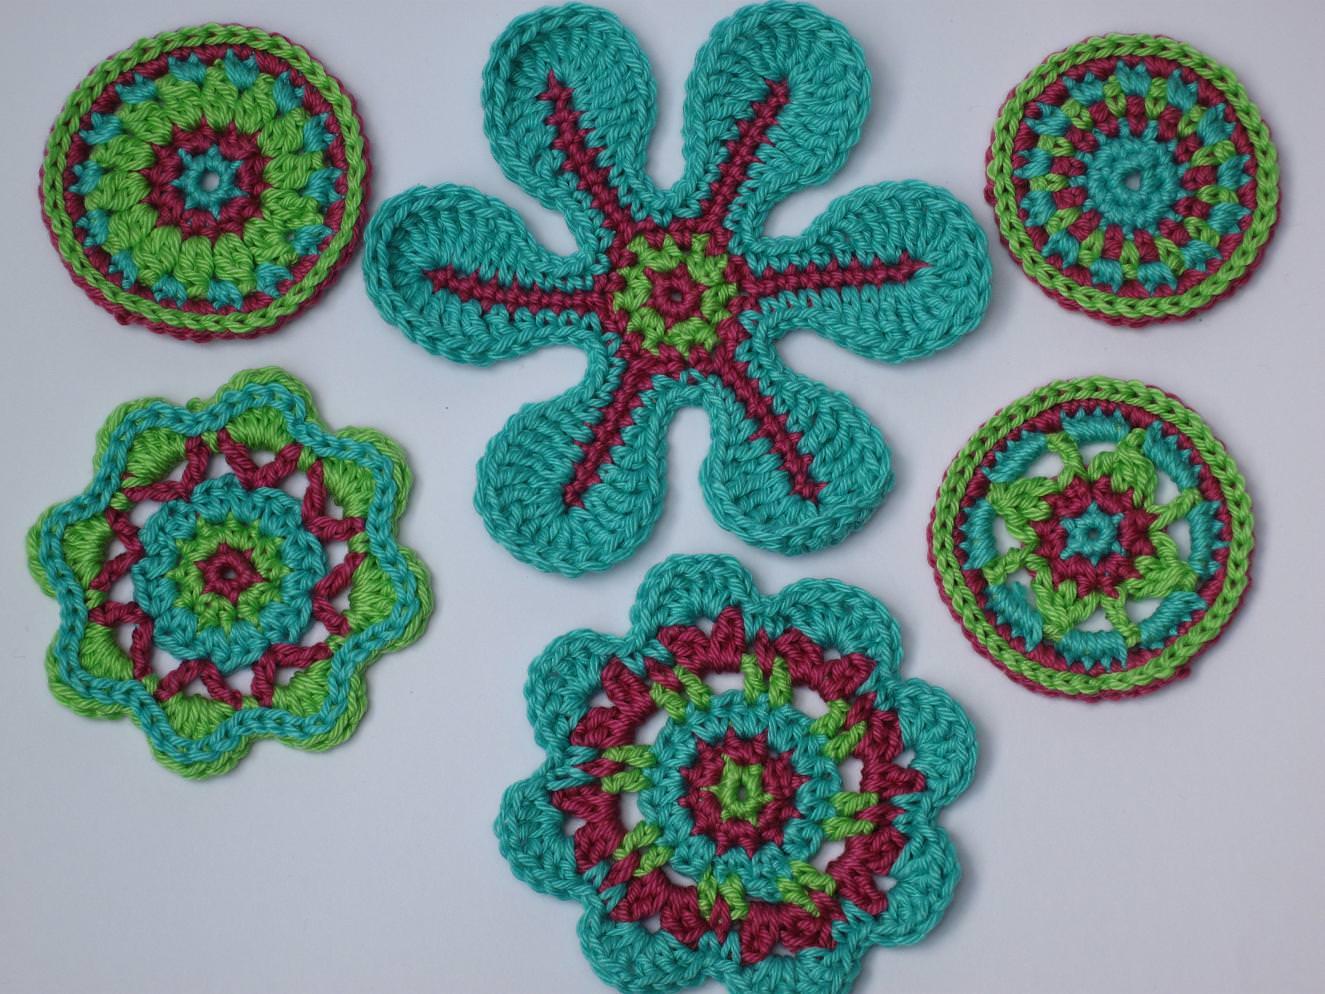 - Applikations Set: Häkelblumen, Rosetten, Aufnäher, Blumen - Applikations Set: Häkelblumen, Rosetten, Aufnäher, Blumen